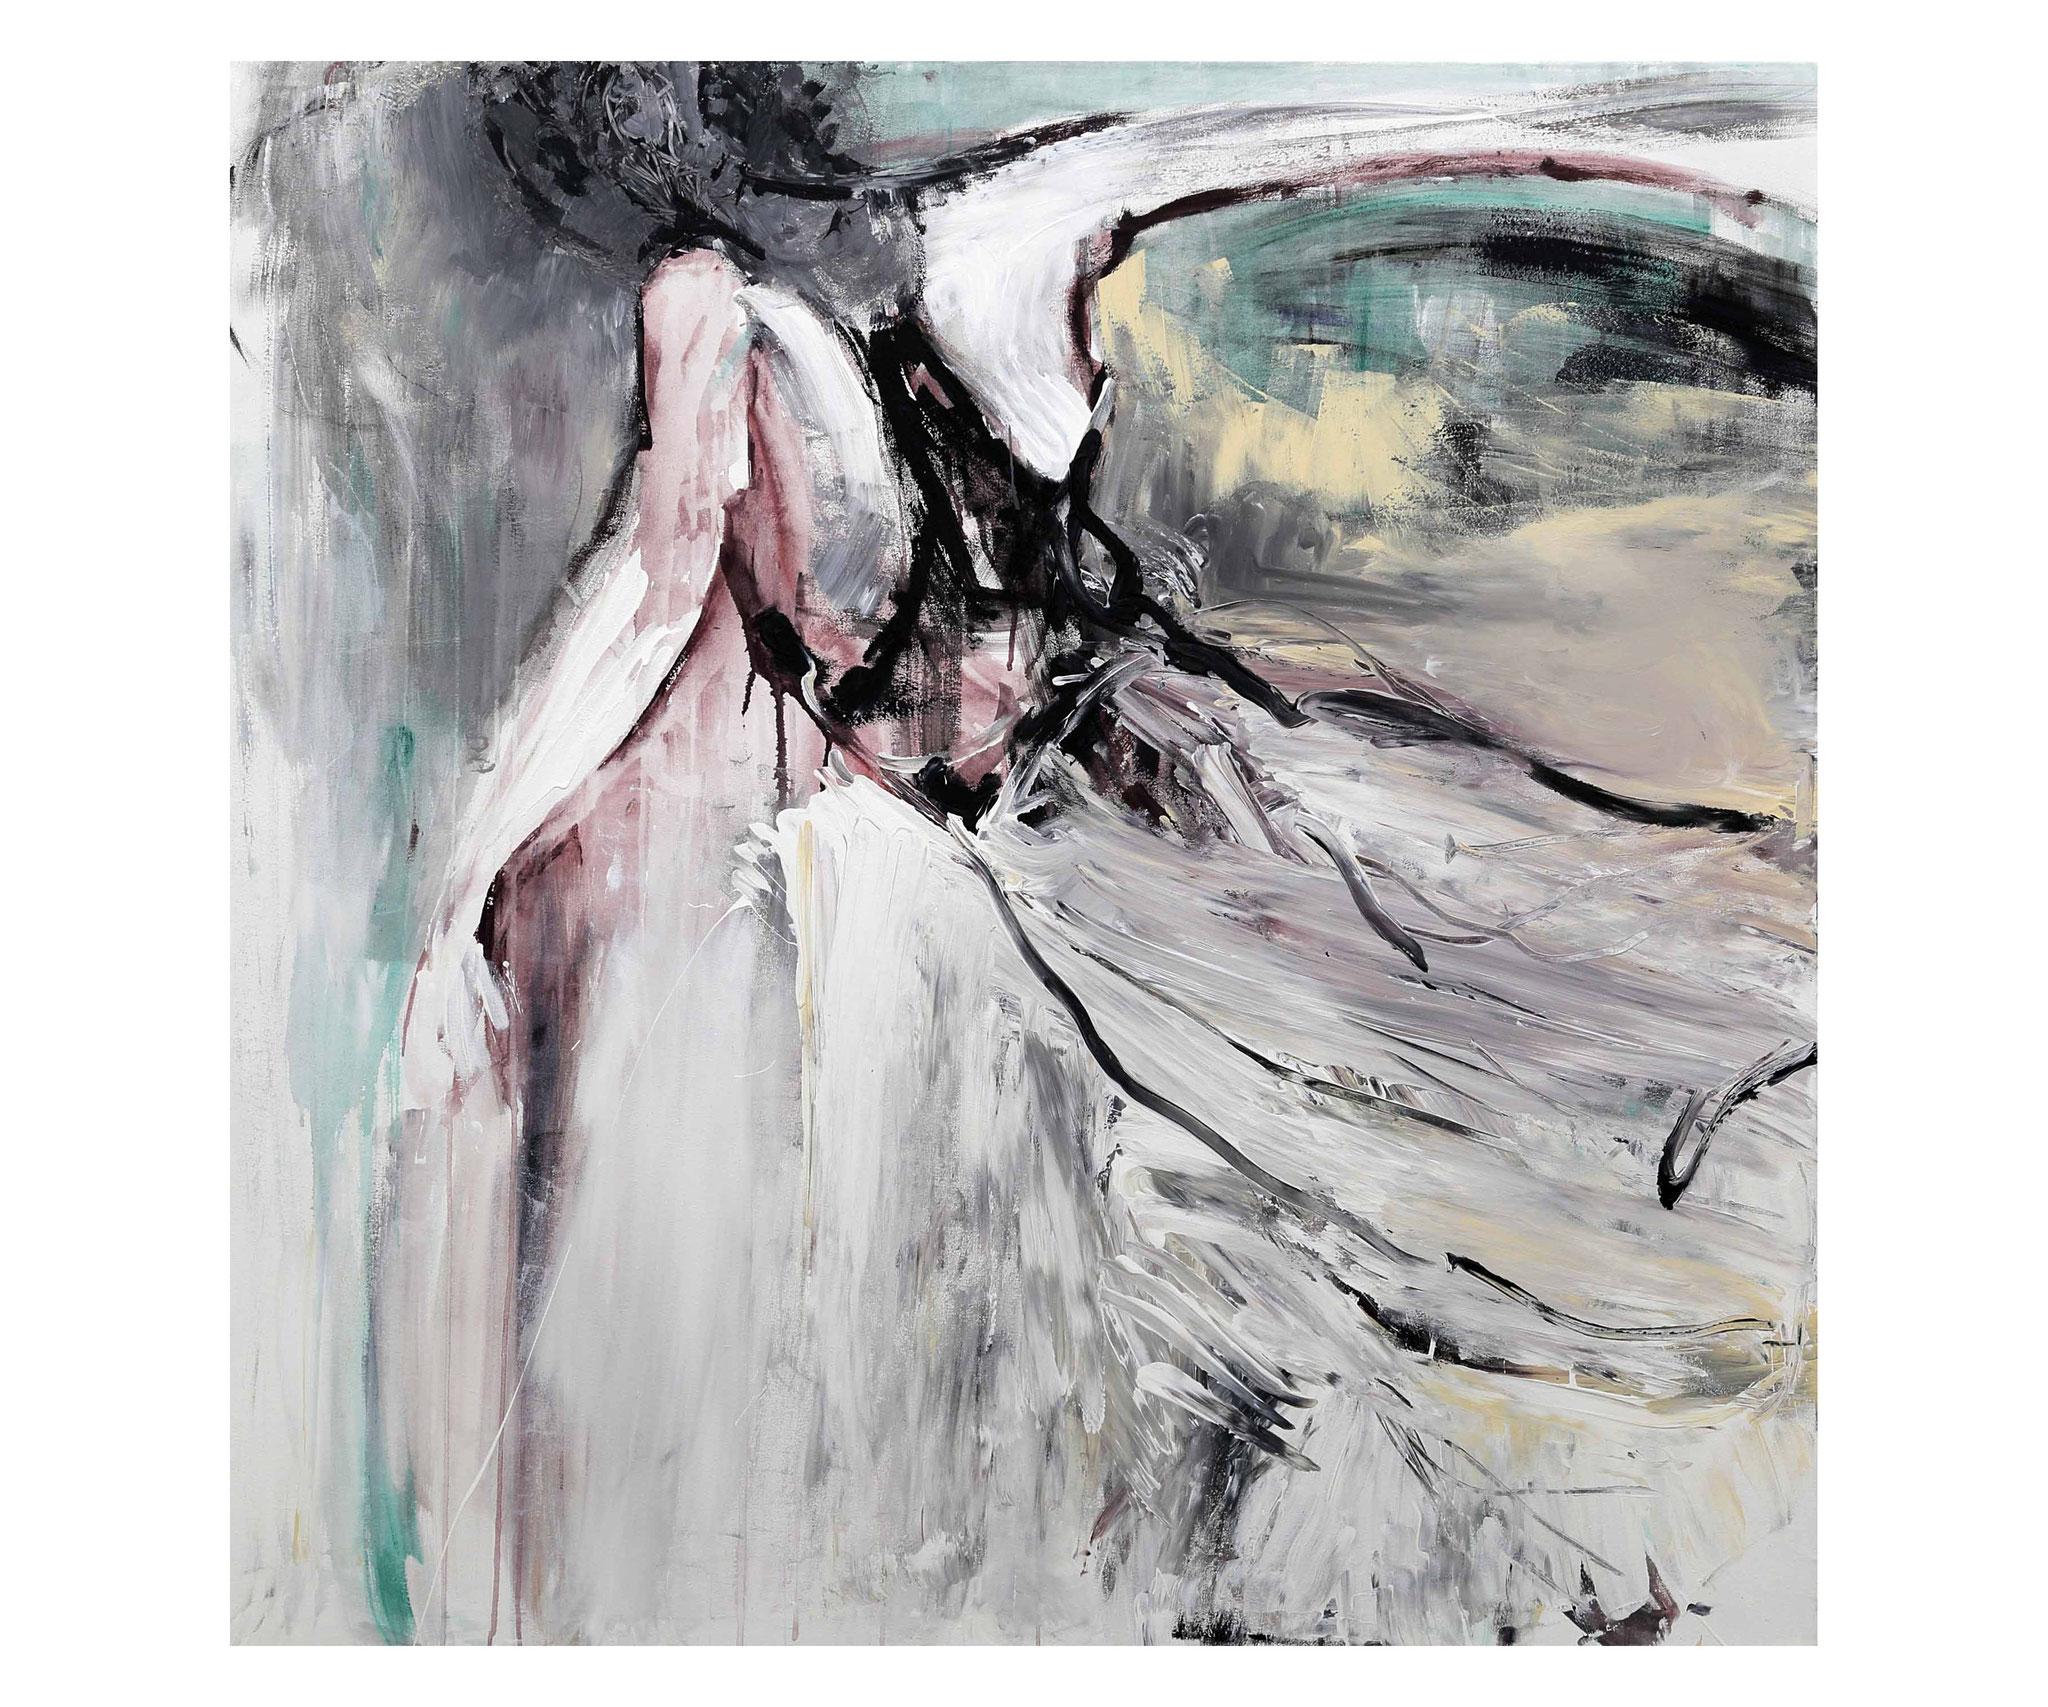 """Franziska Löwe, """"freier fall"""", 2015, Mischtechnik auf Leinwand, 145 x 145 cm"""